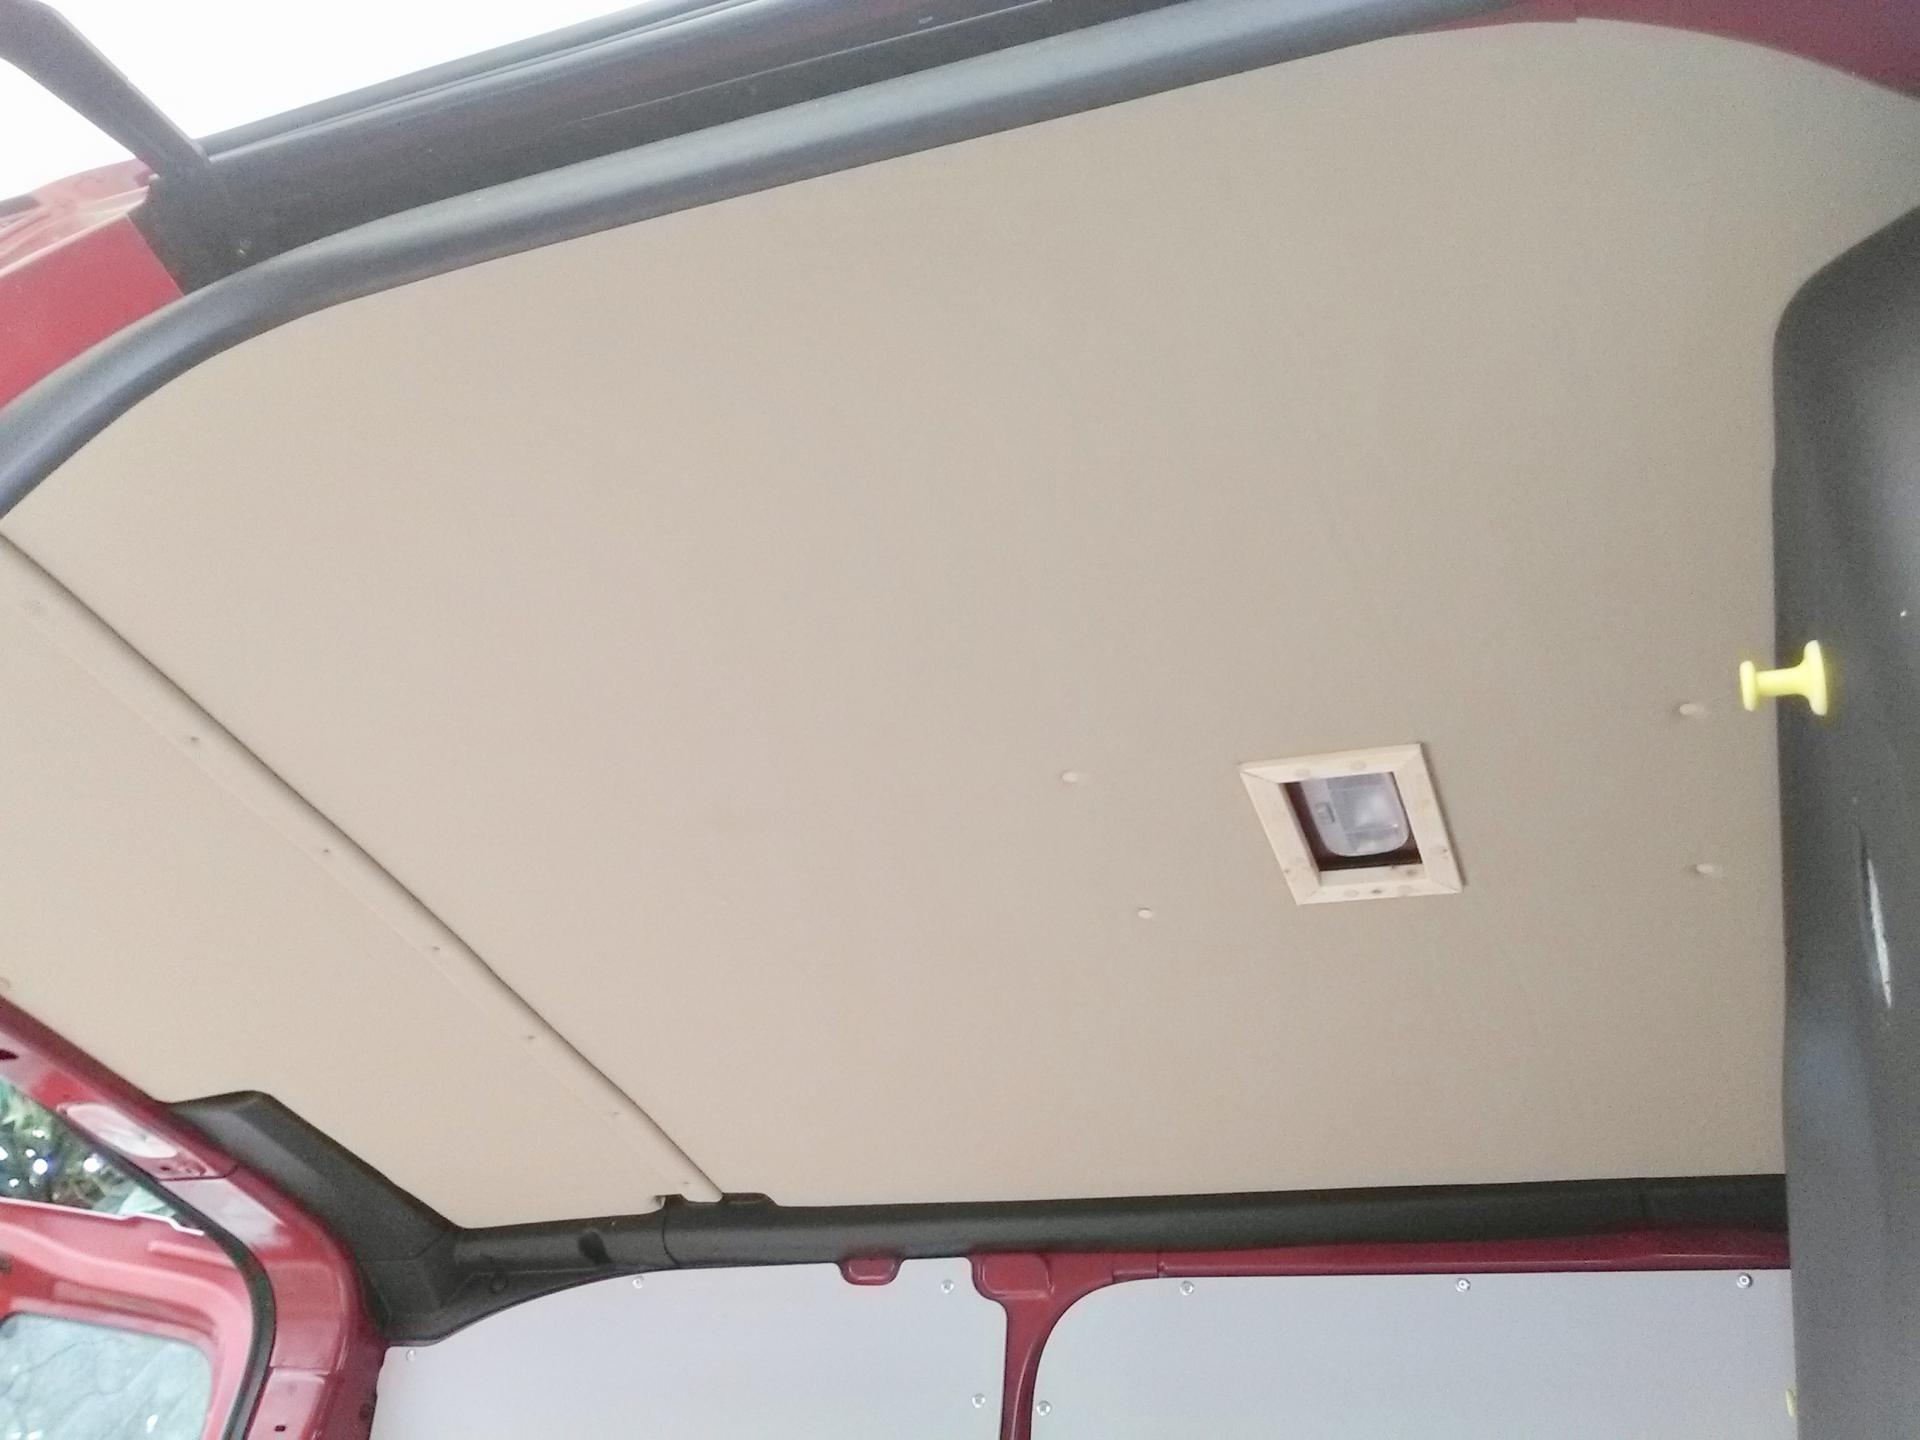 pose du toit en bois et recouvert d'un revêtement